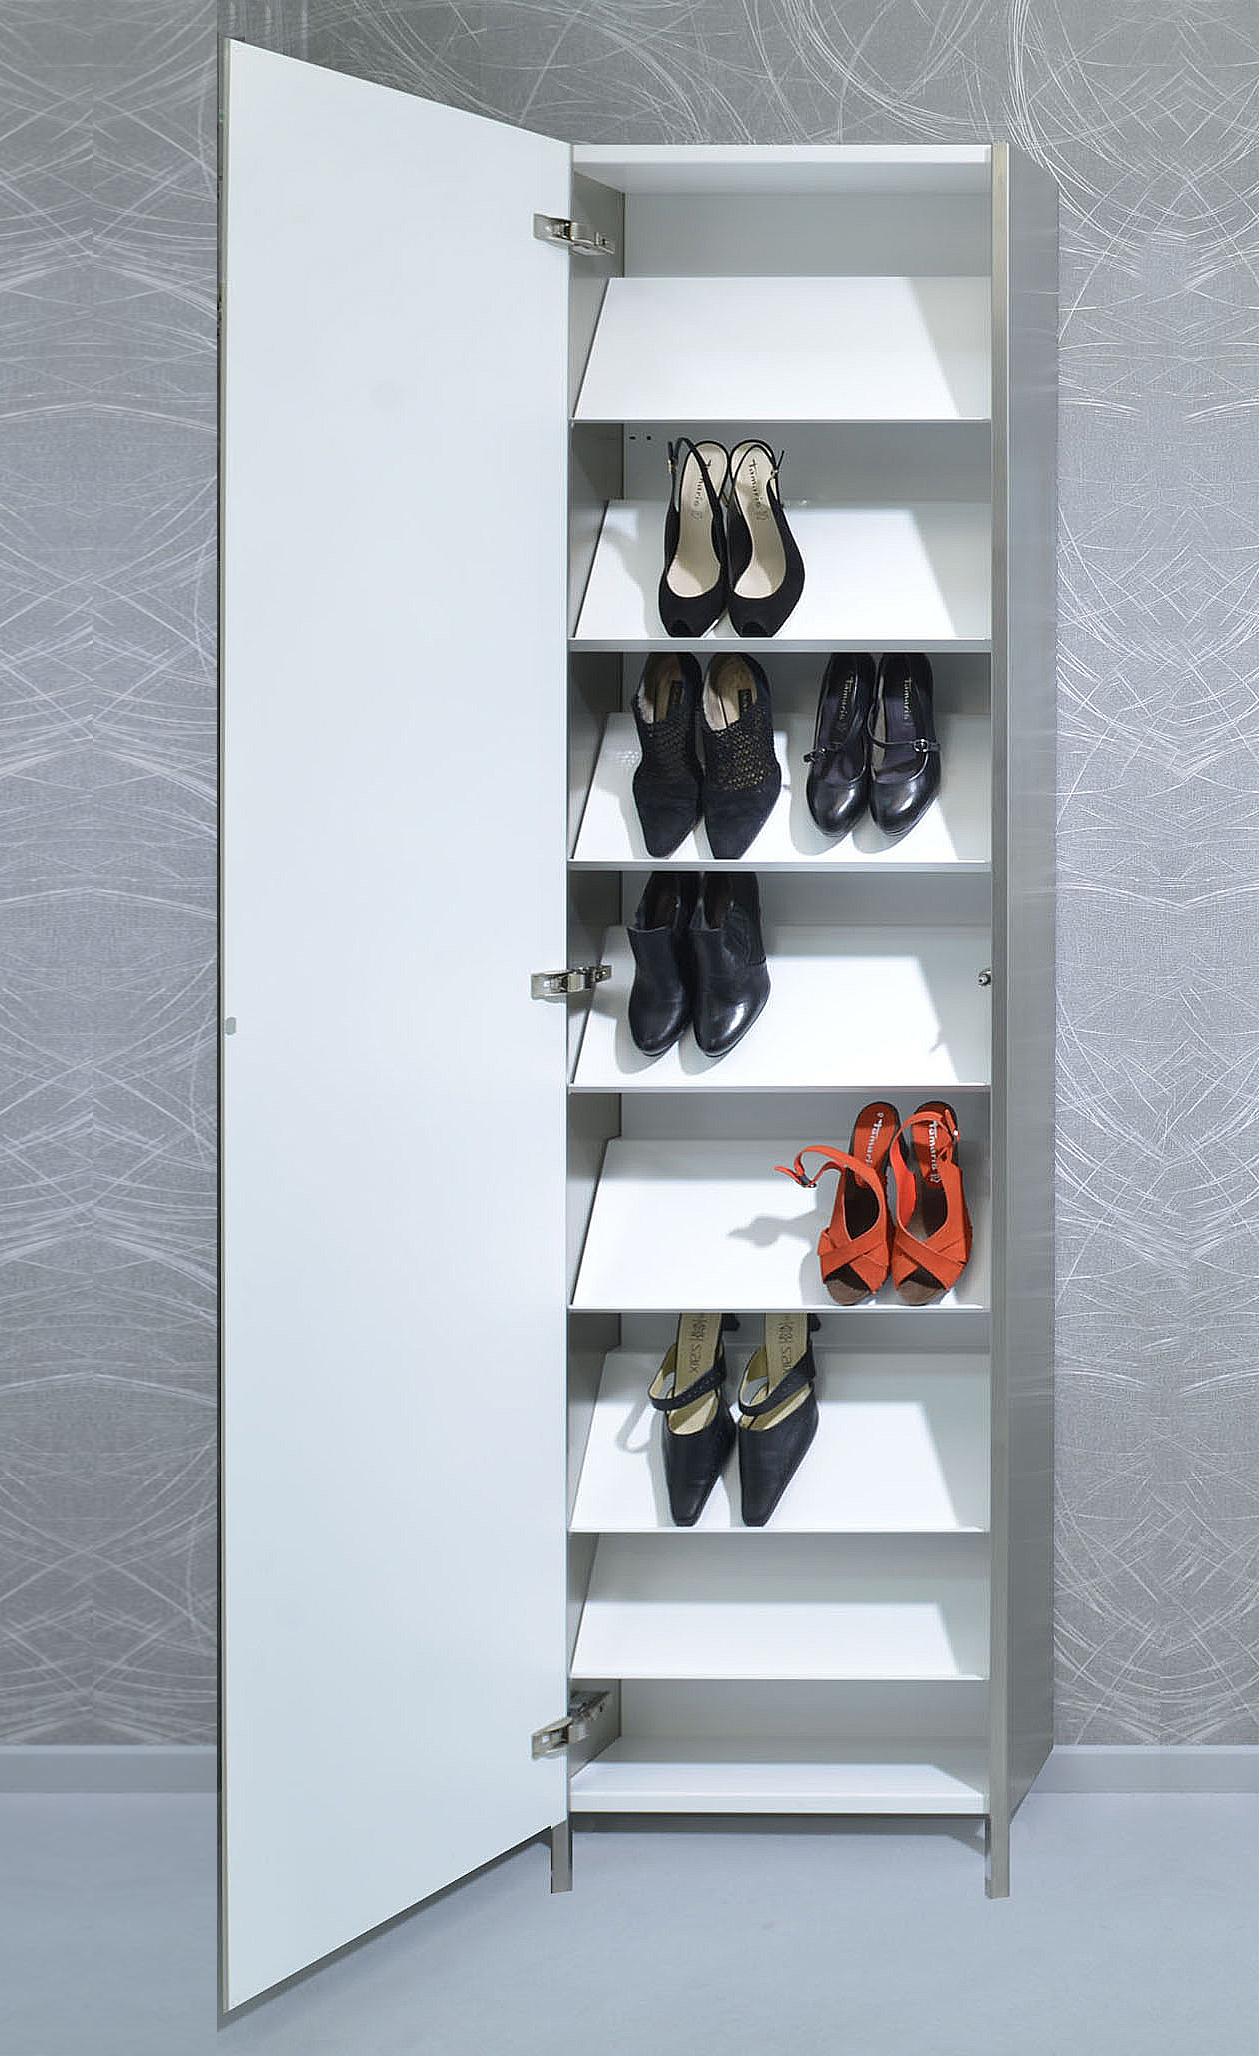 schuhregal 55 cm breit finest schuhleiter schuhregal design holz with schuhregal 55 cm breit. Black Bedroom Furniture Sets. Home Design Ideas